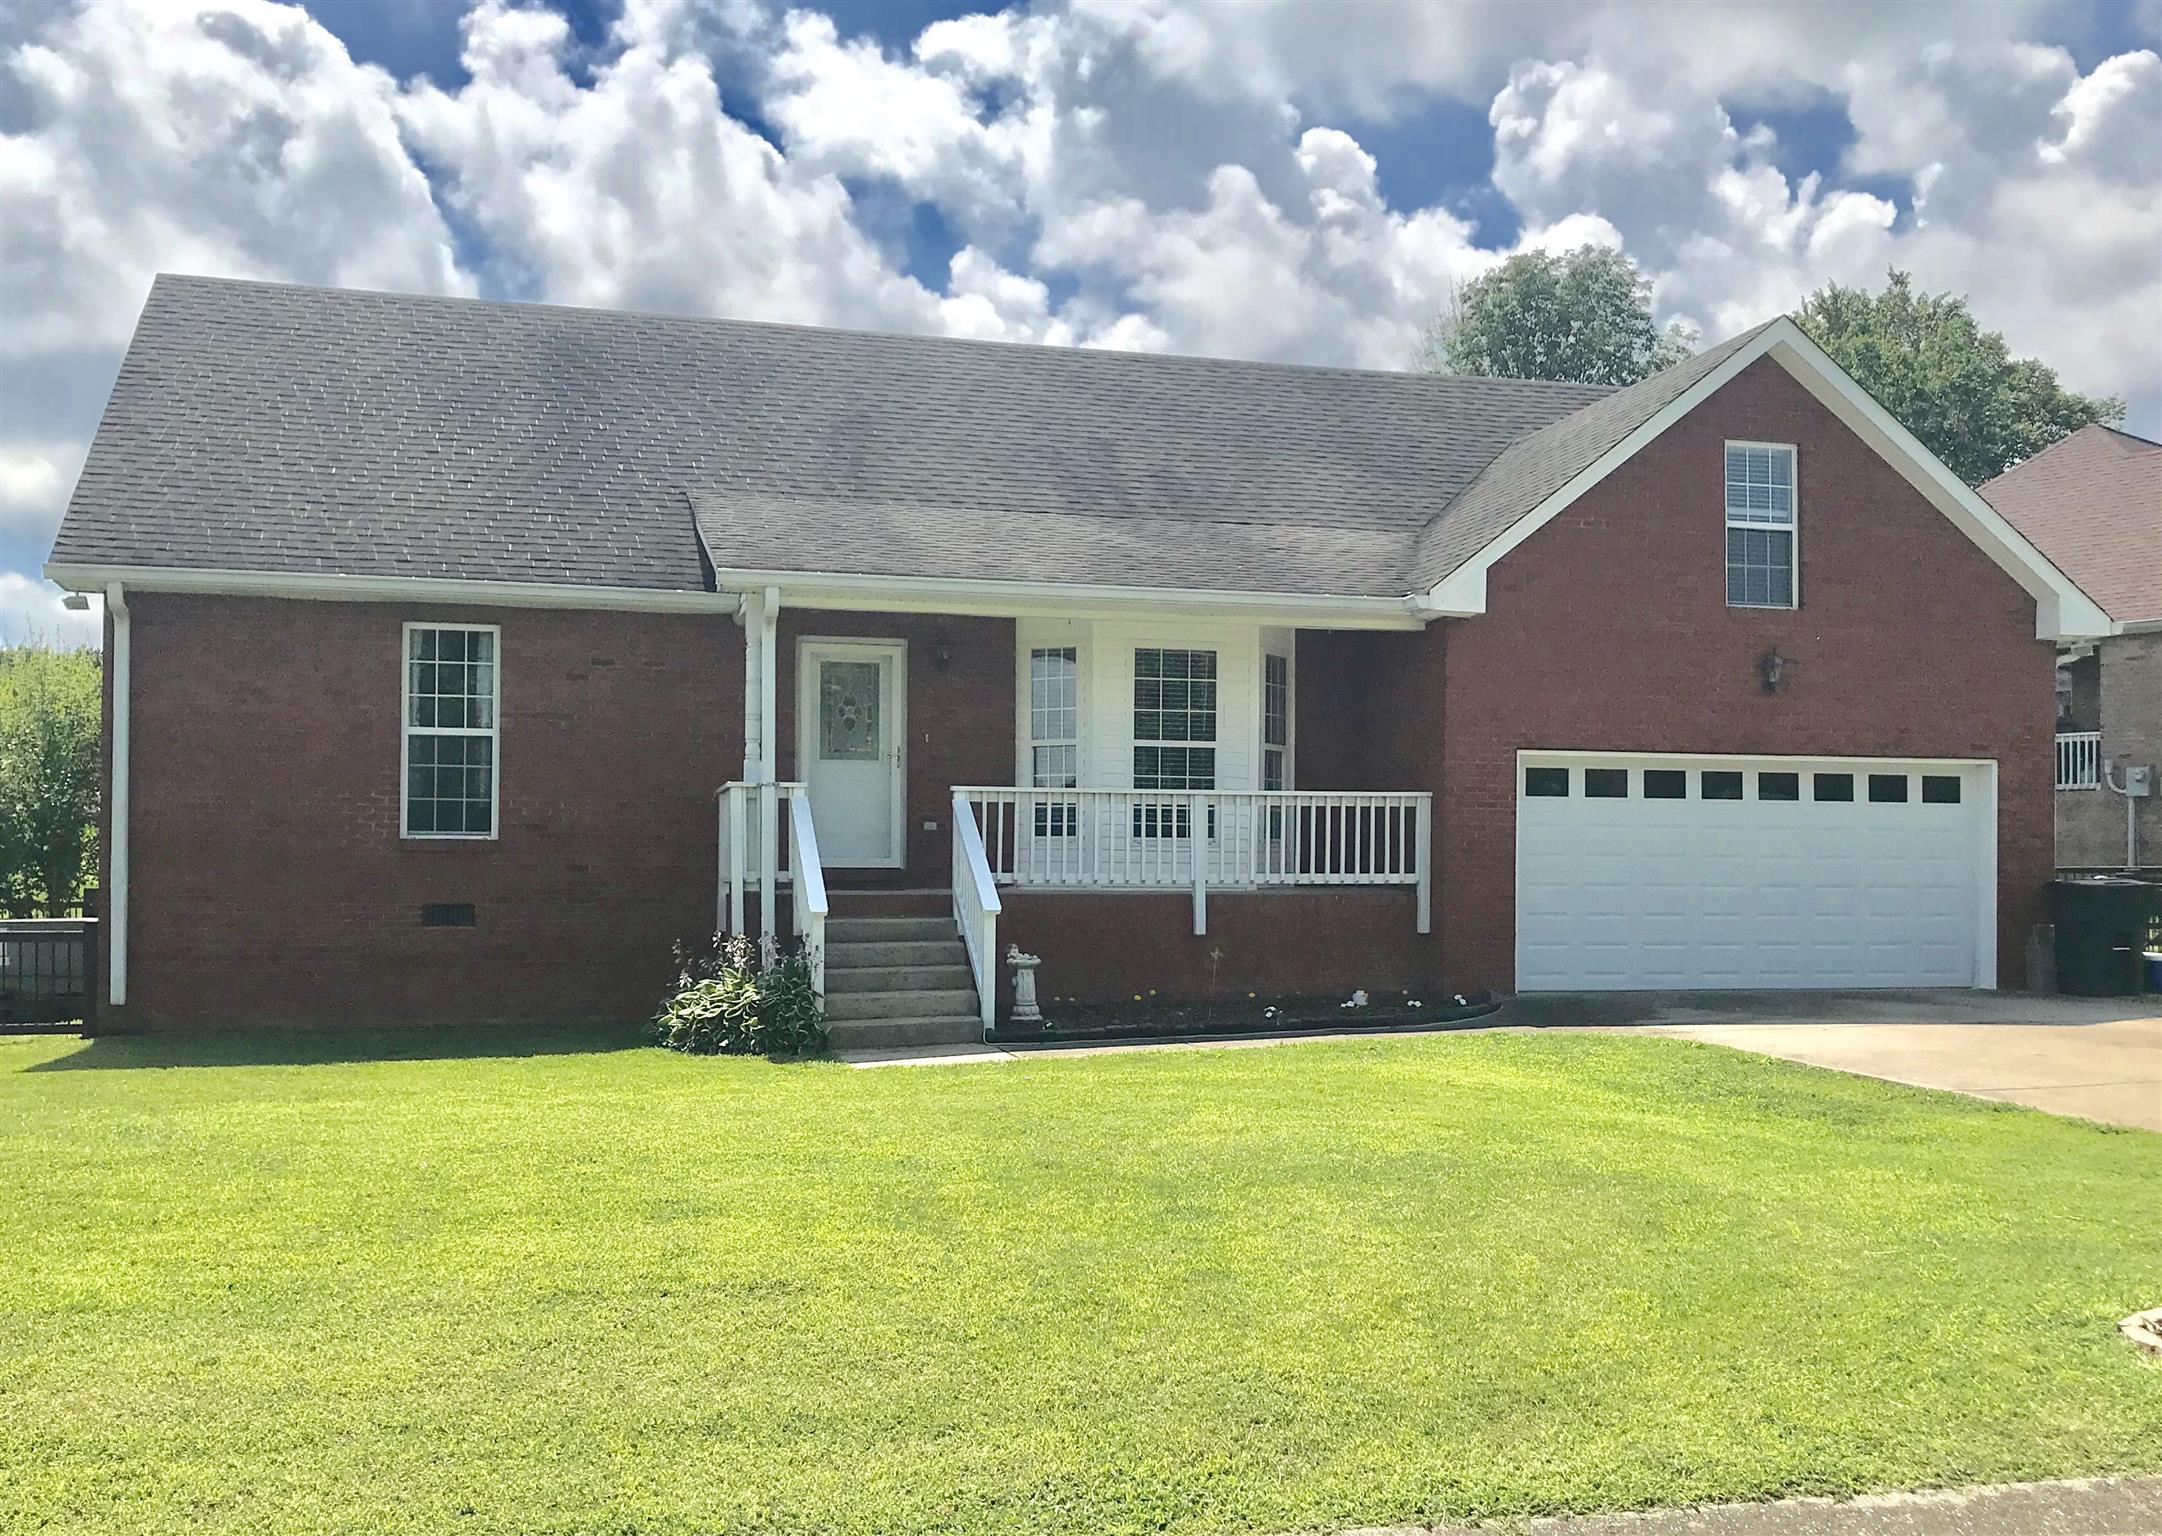 221 Wagoners Way, Westmoreland, TN 37186 - Westmoreland, TN real estate listing